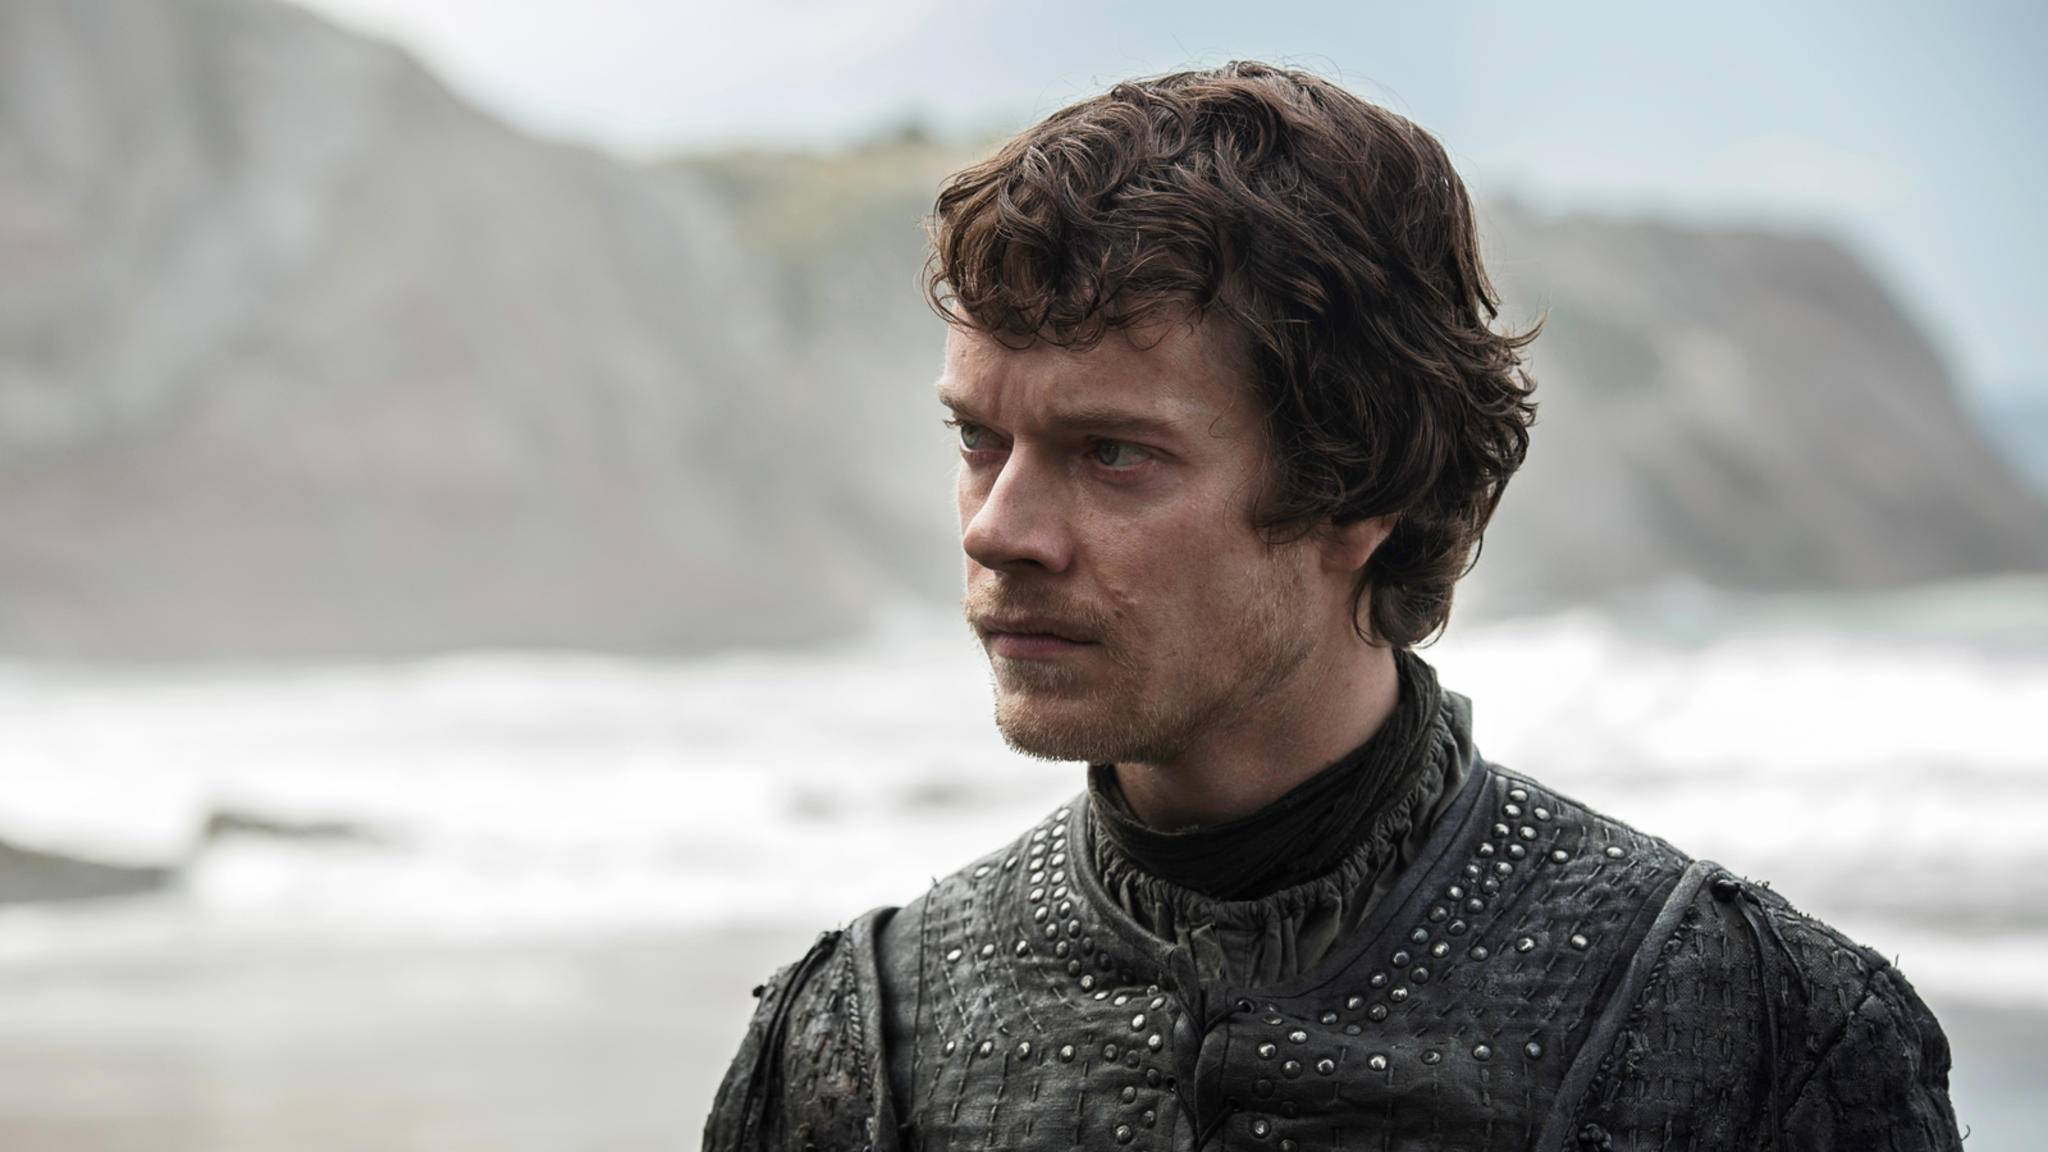 """Theon Graufreud hatte in den bisherigen """"Game of Thrones""""-Staffeln nichts zu lachen."""